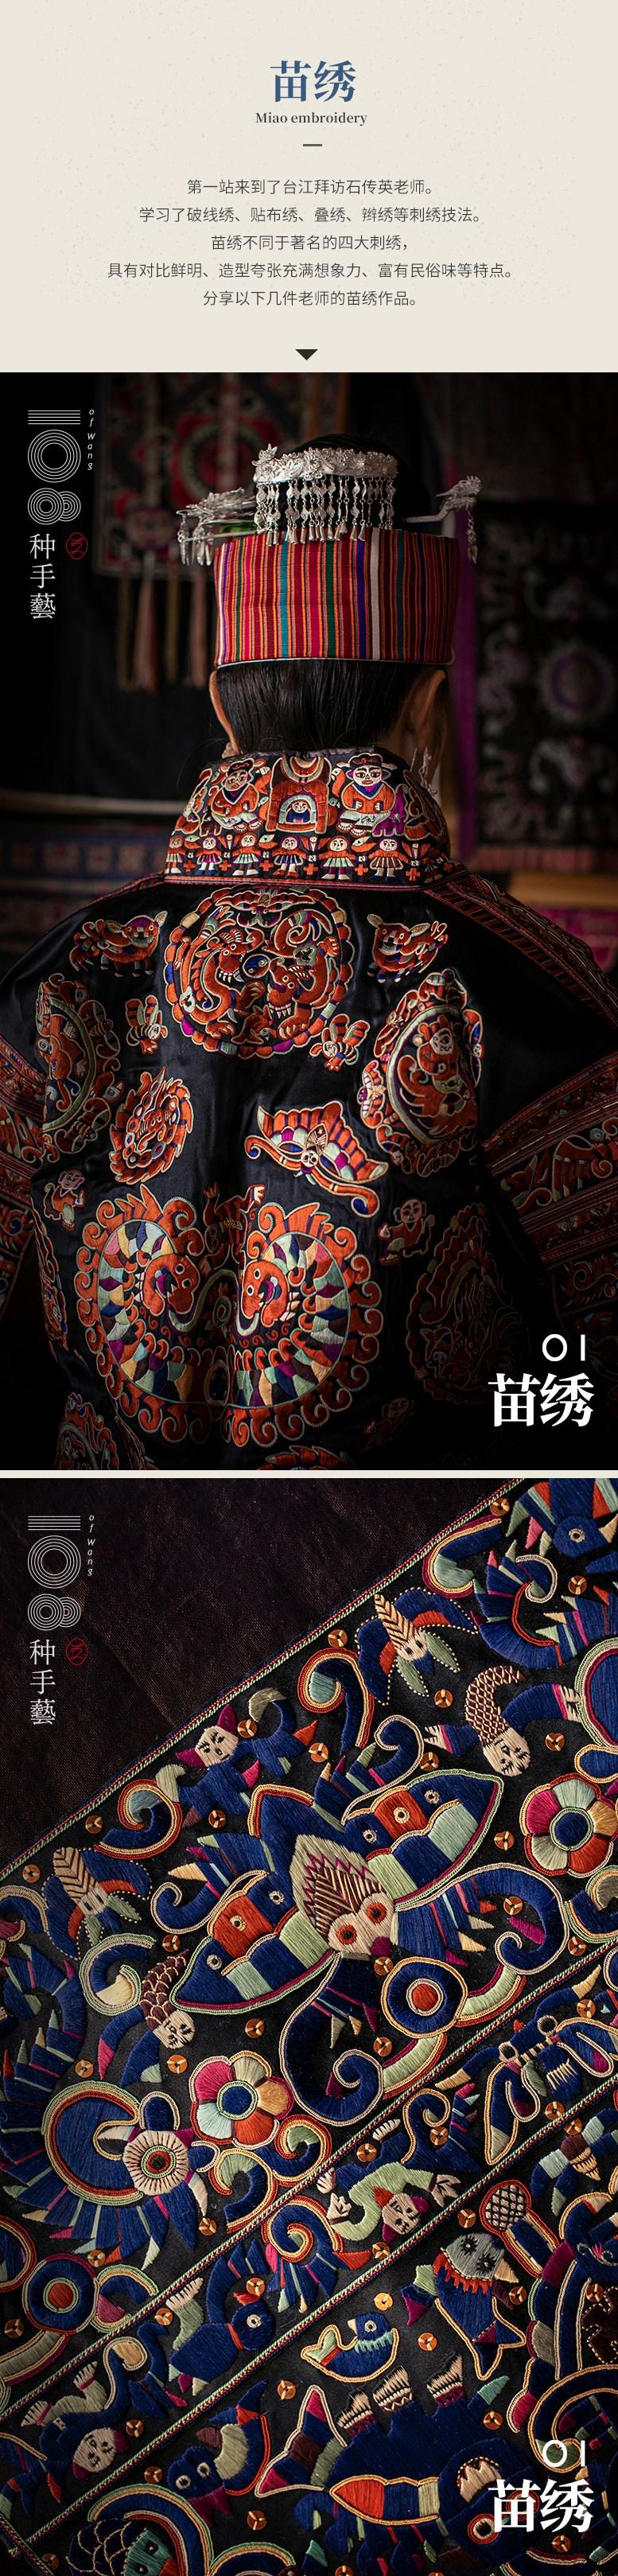 苗绣-非遗文化